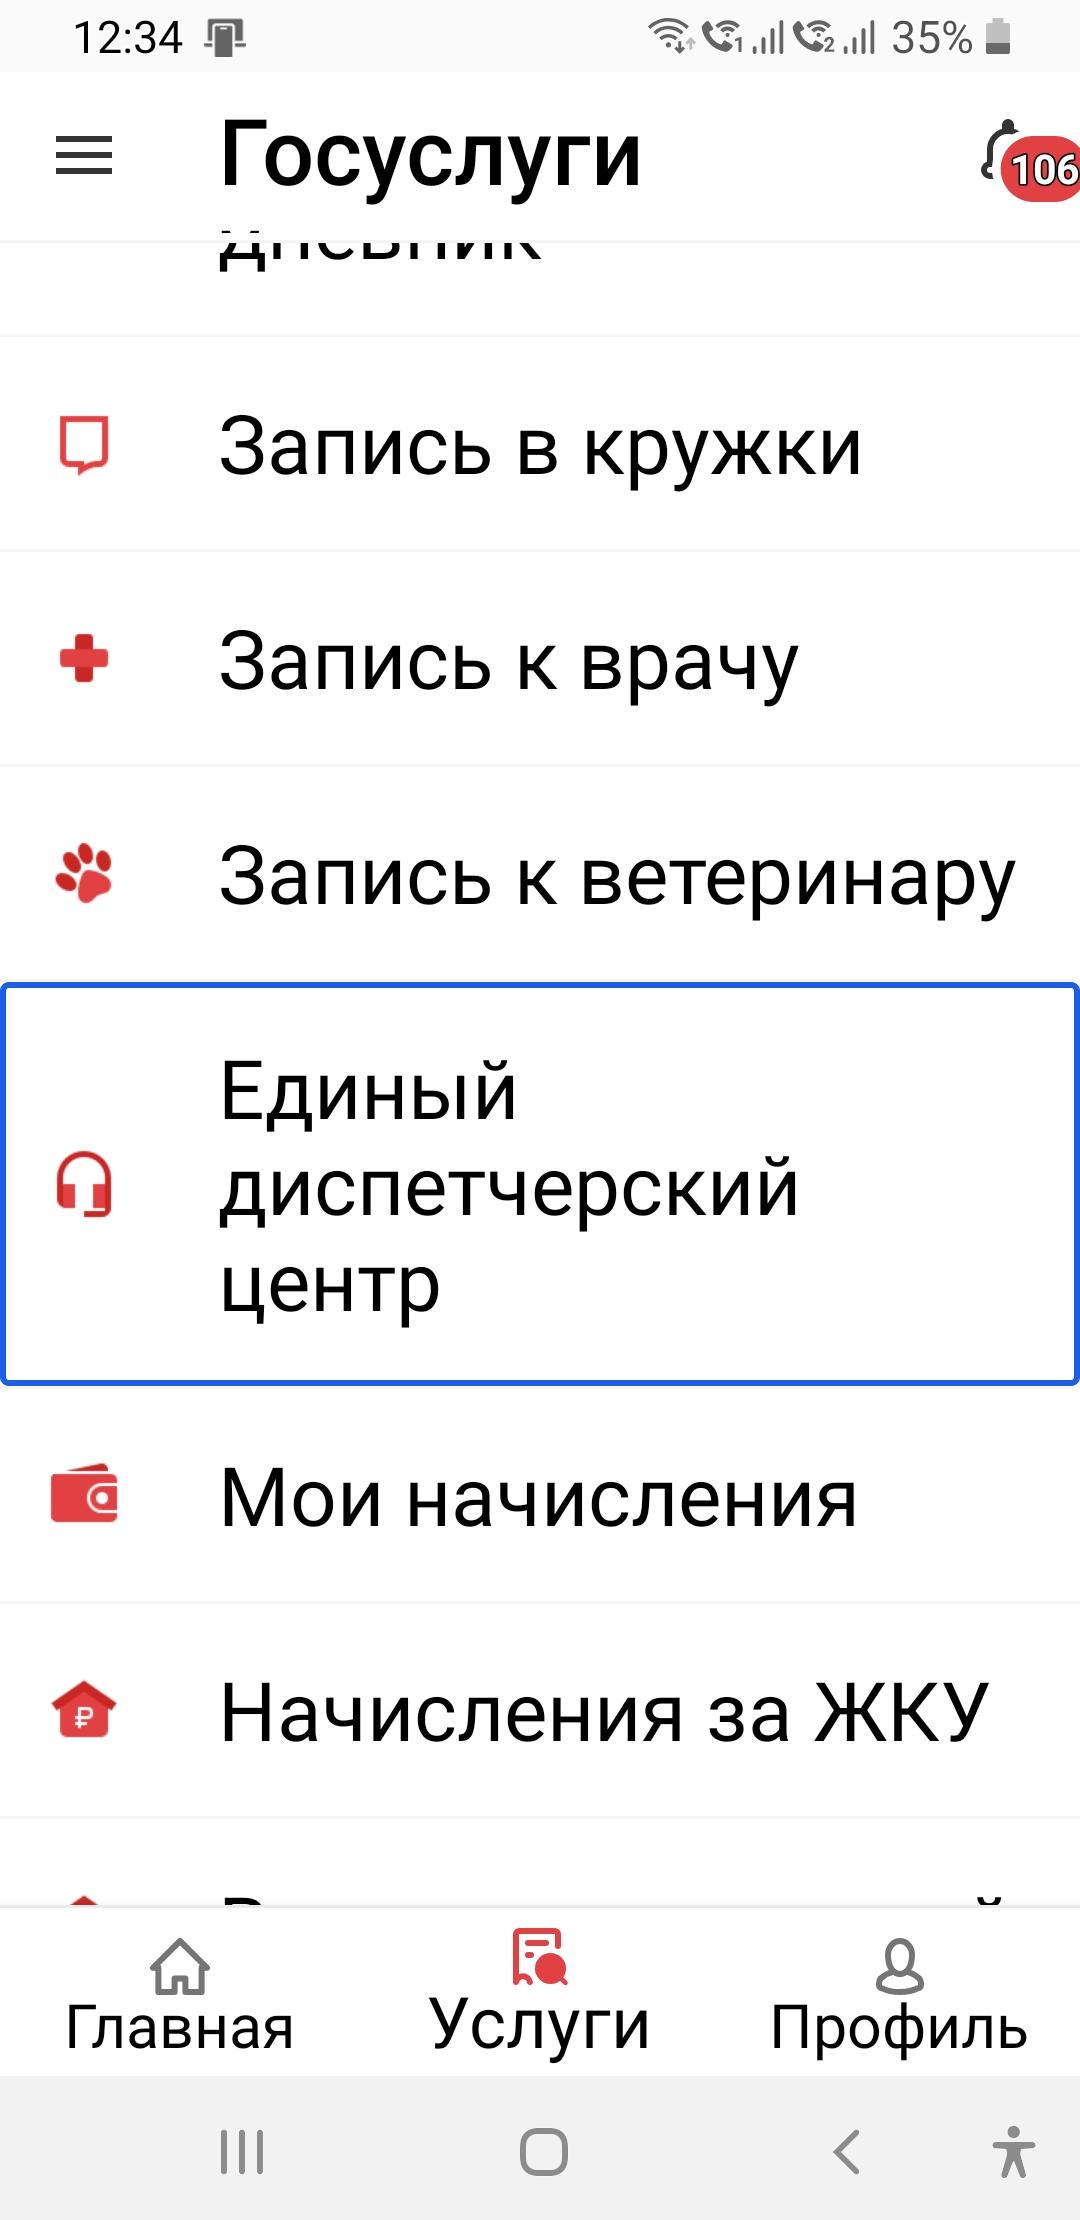 гос.мос_12.0_мои начисления_оплата Жкх_выбор способа